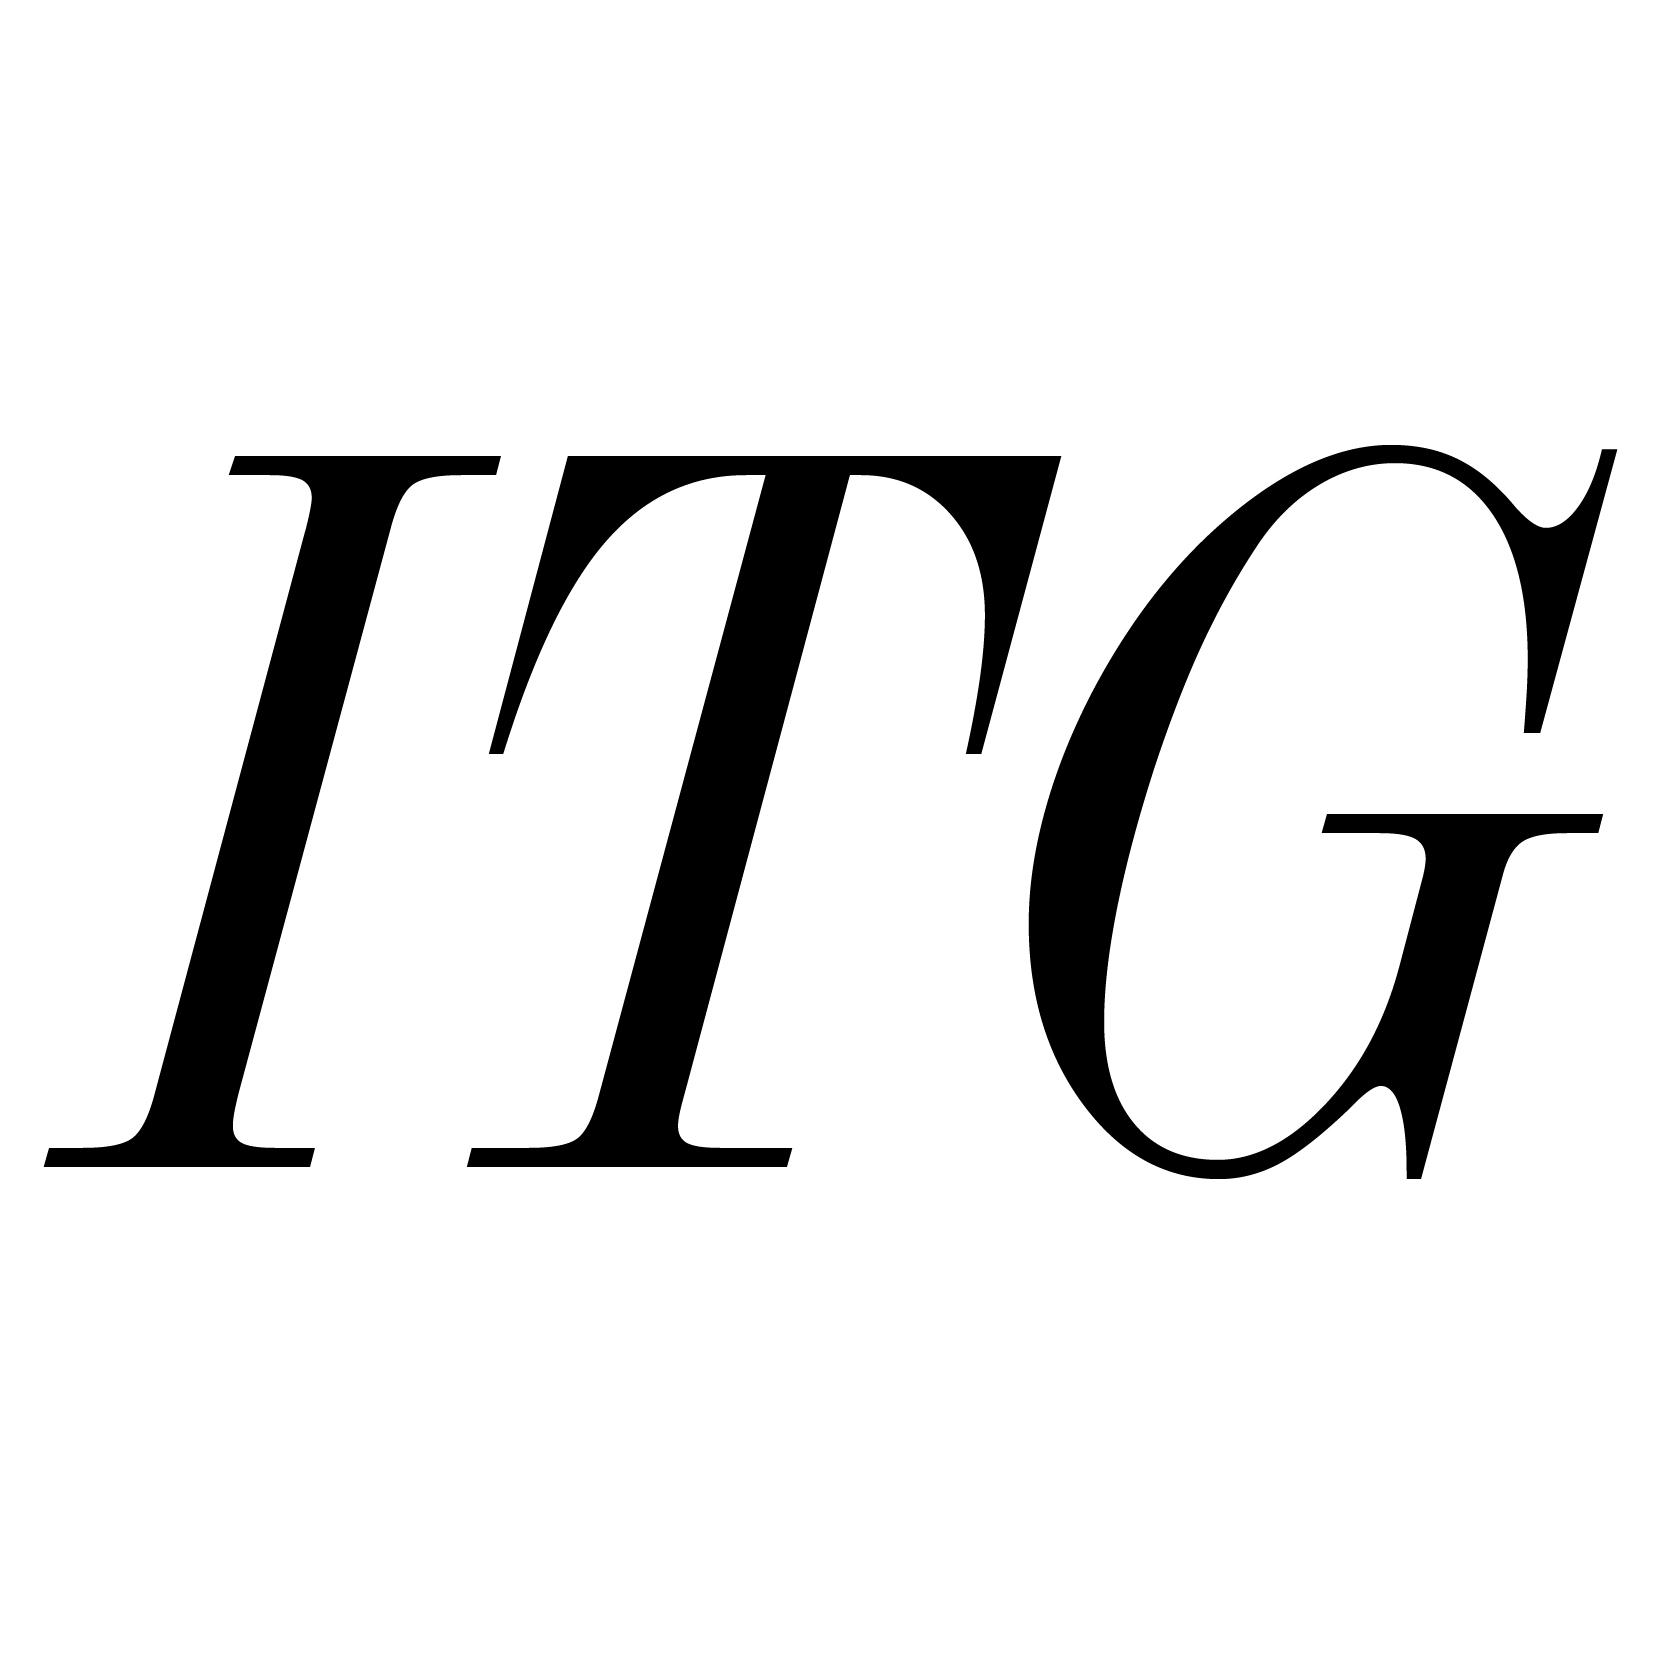 https://intothegloss.com/author/or-gotham/